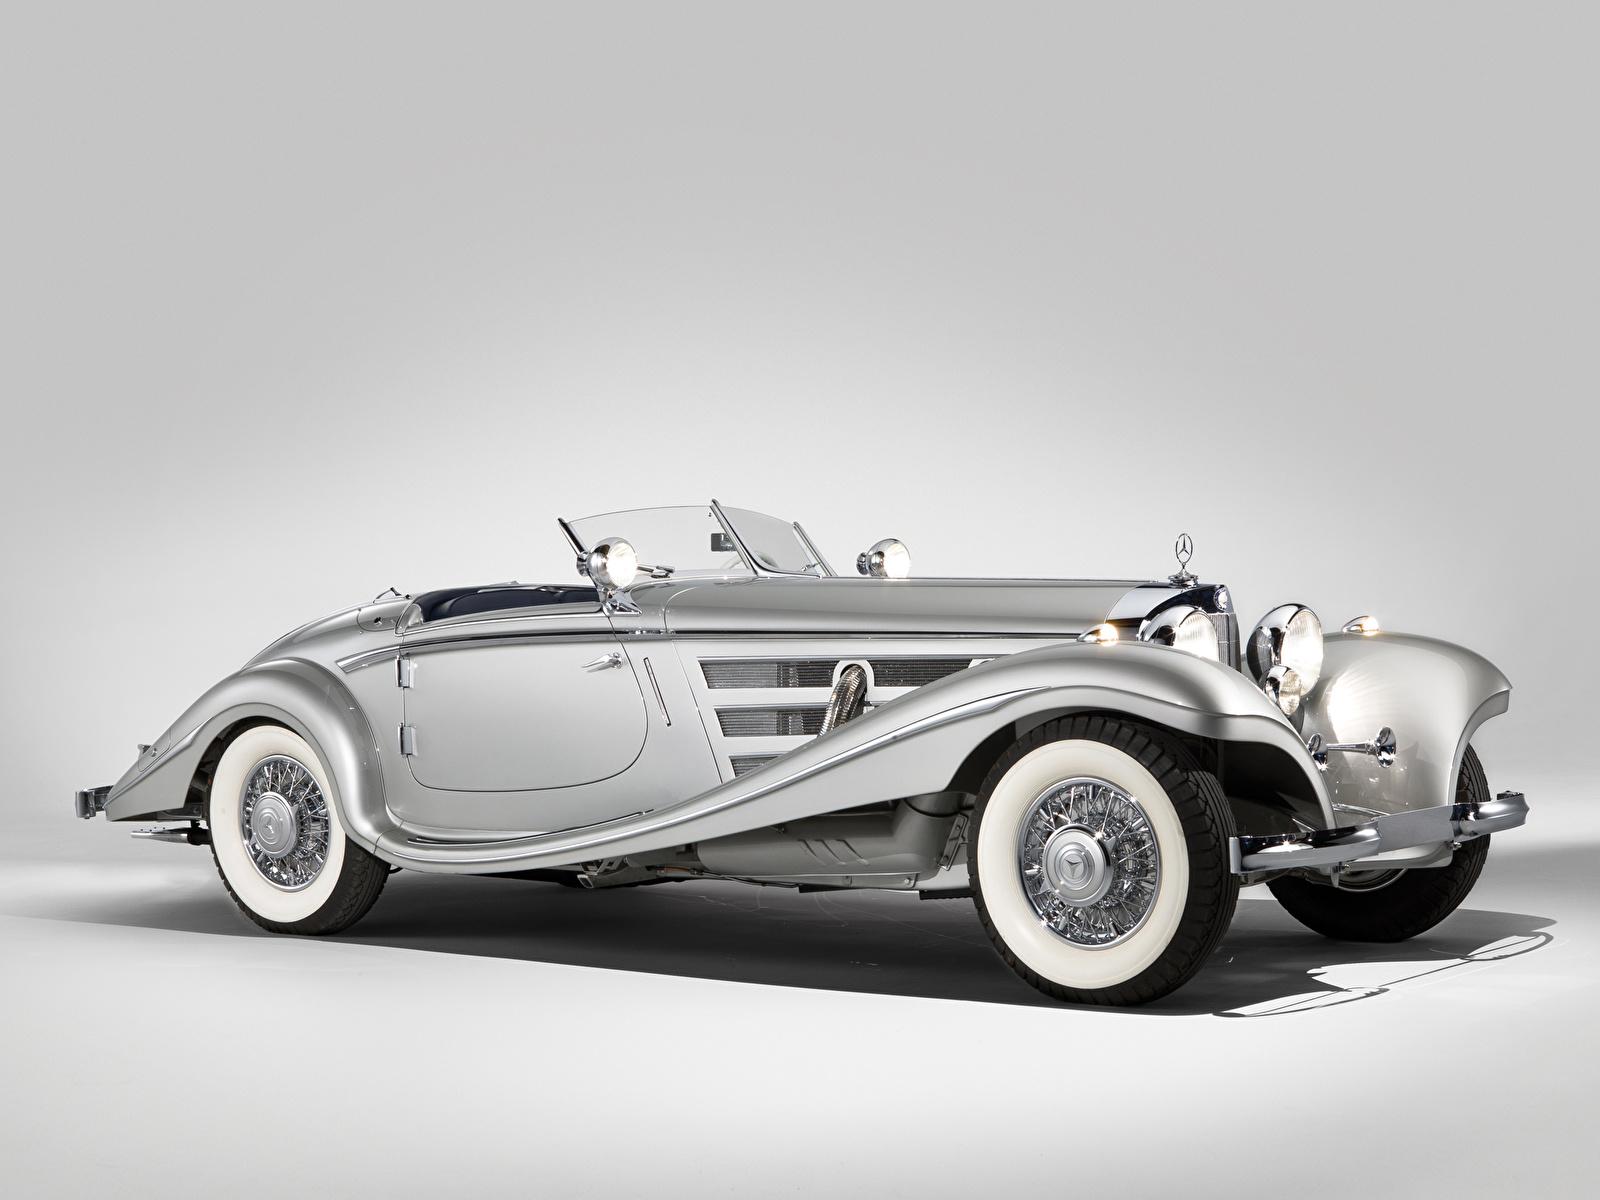 Обои для рабочего стола Мерседес бенц 540K Special Roadster 1937–38 Родстер Автомобили 1600x1200 Mercedes-Benz авто машина машины автомобиль